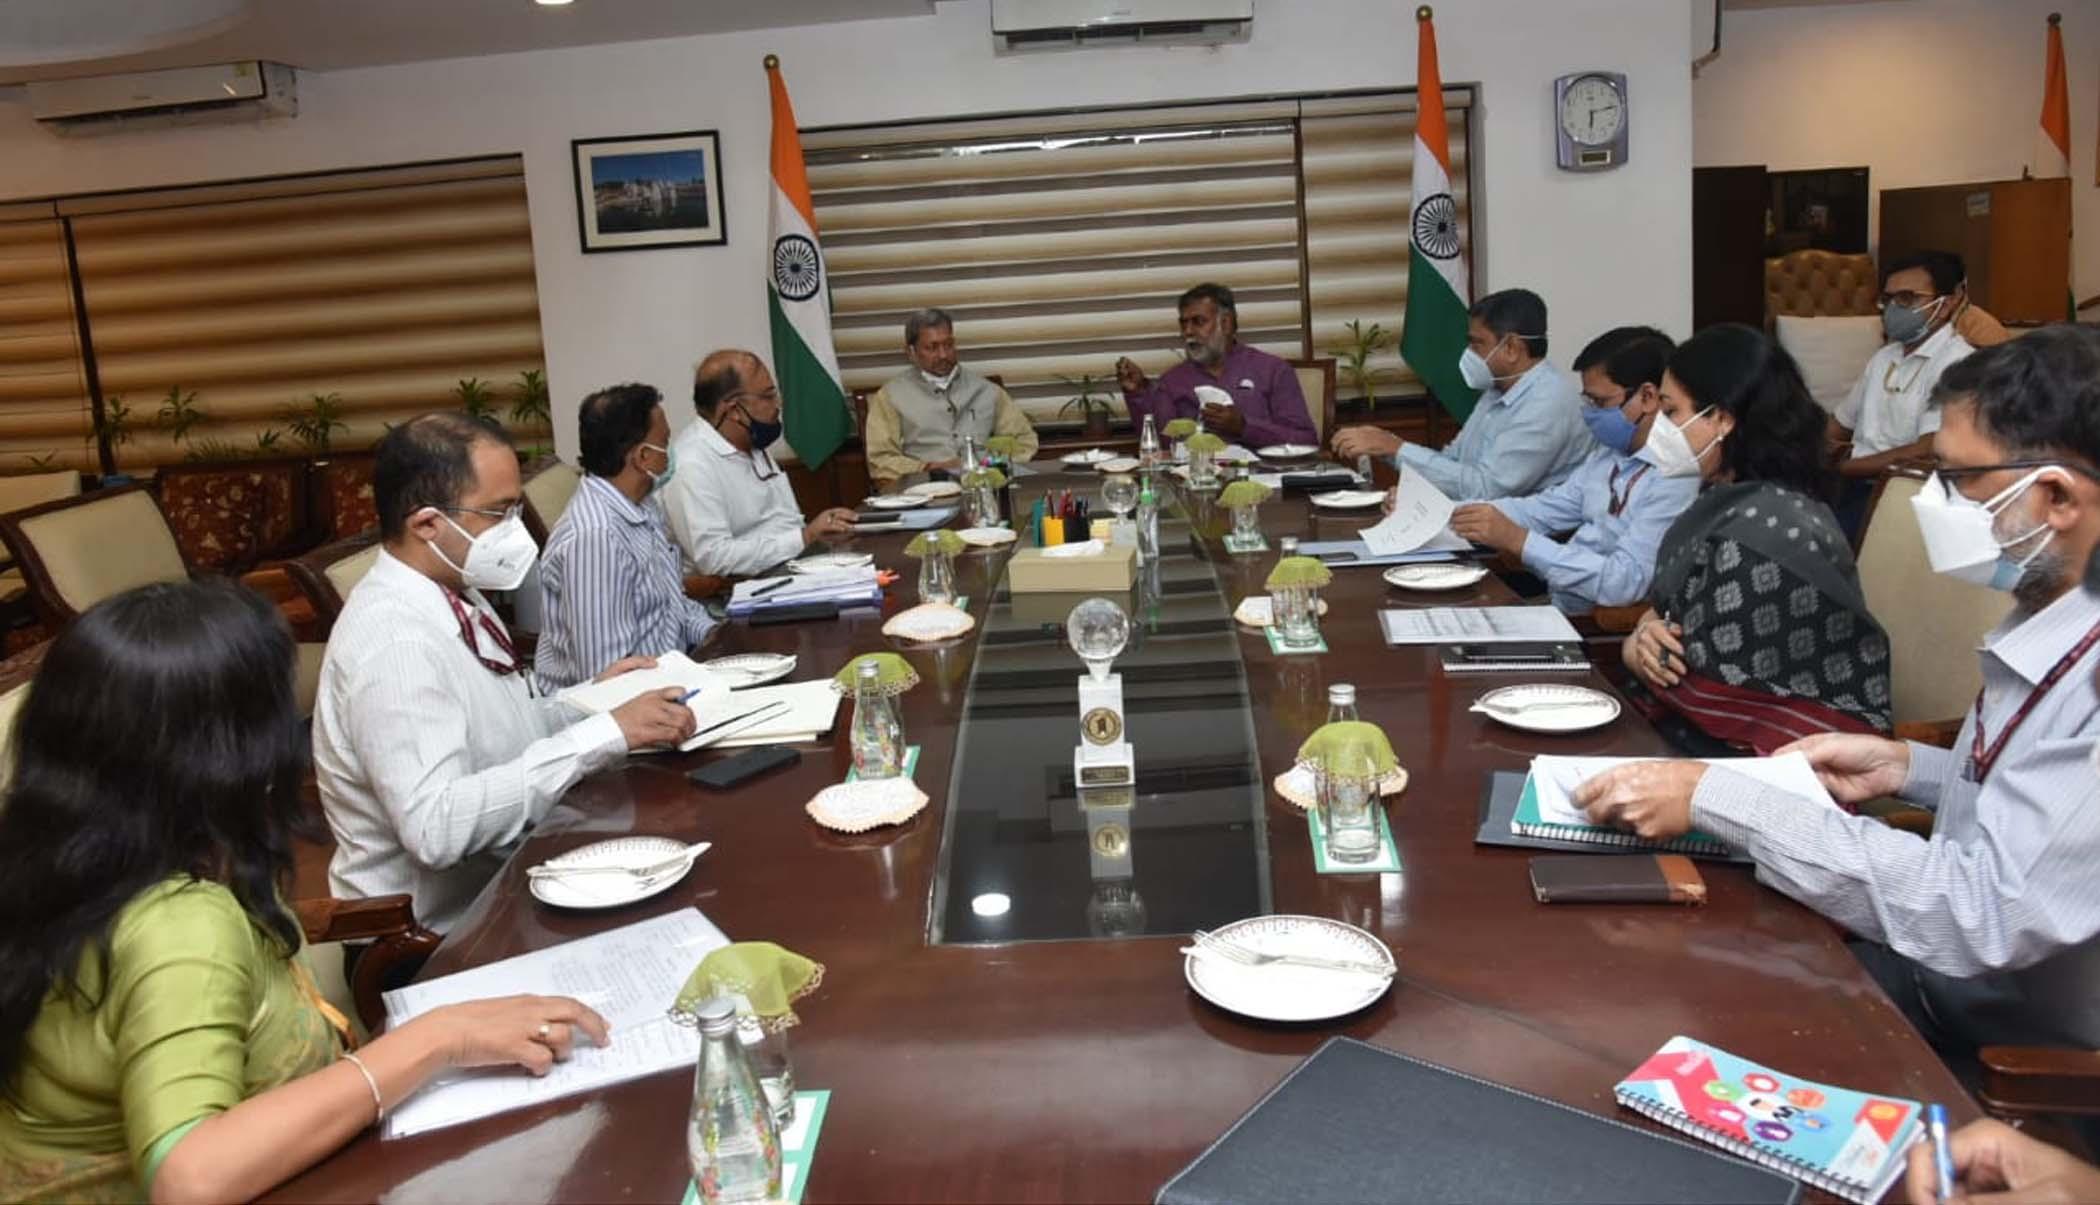 मुख्यमंत्री तीरथ सिंह रावत ने केंद्रीय पर्यटन एवं संस्कृति राज्य मंत्री प्रहलाद सिंह पटेल से की भेंट